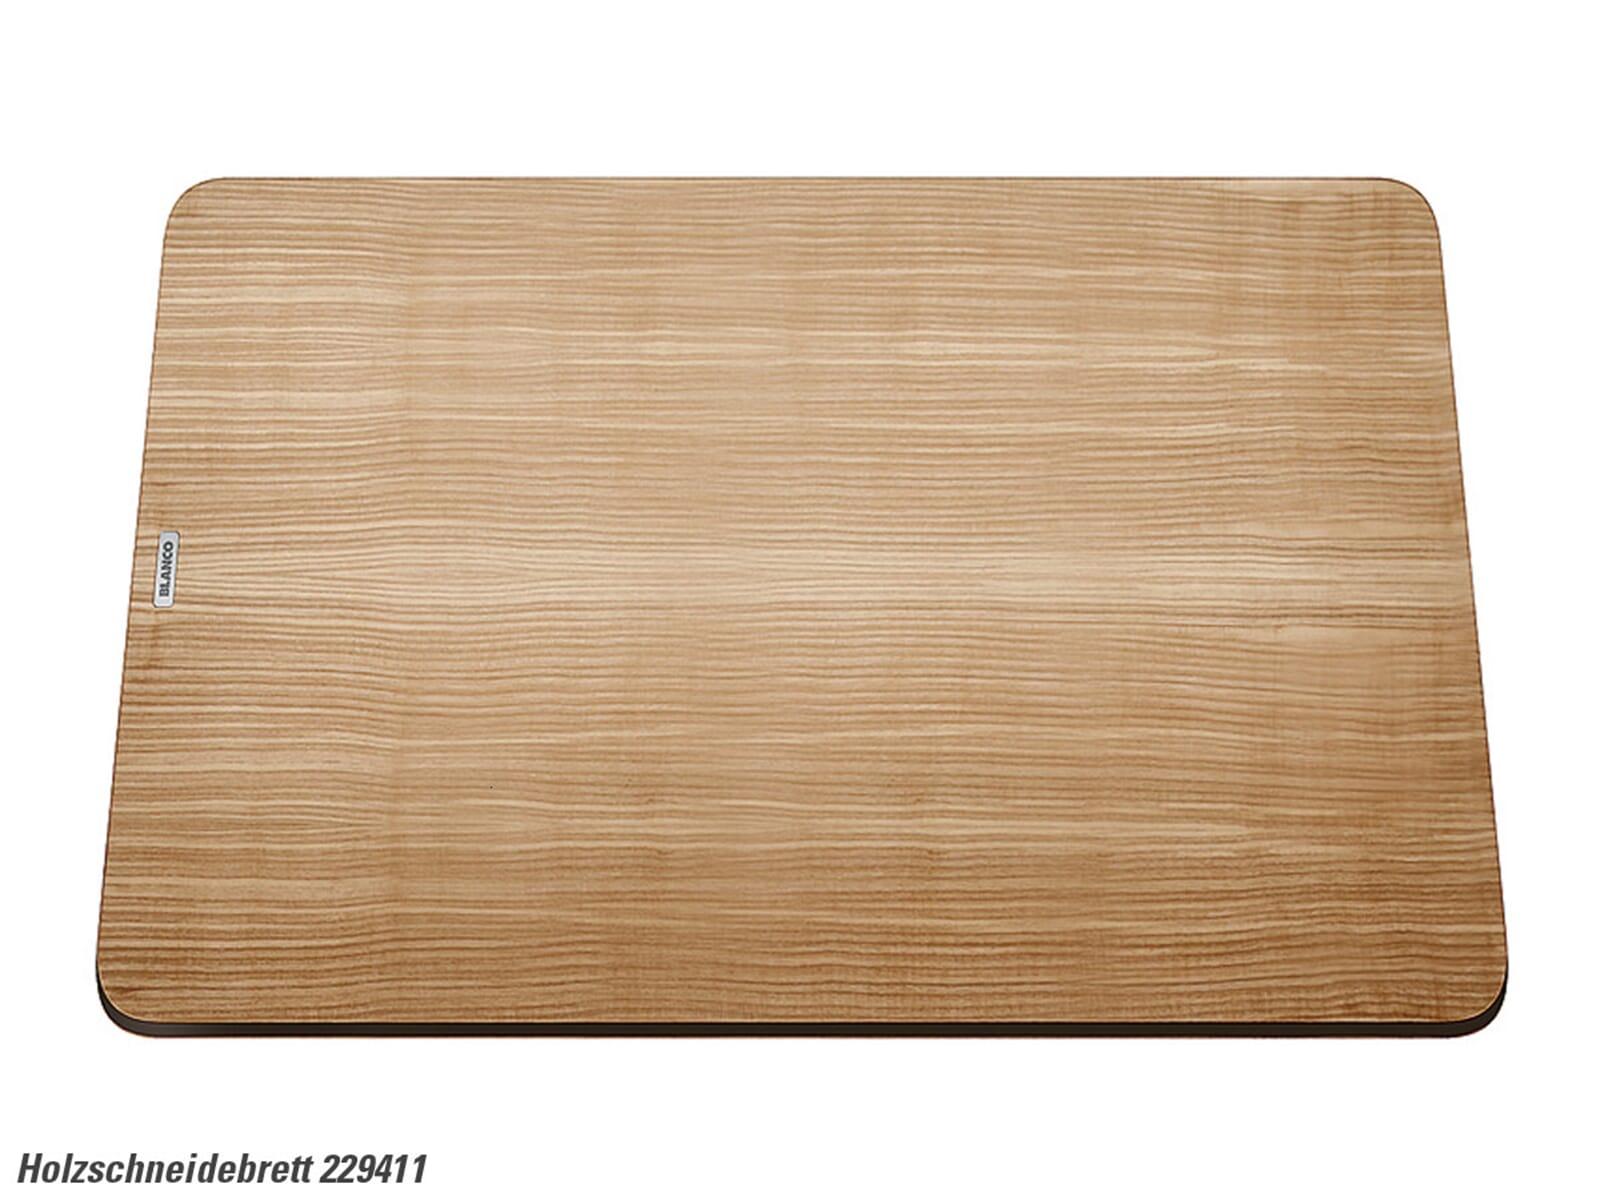 Blanco 229 411 Holzschneidebrett Esche